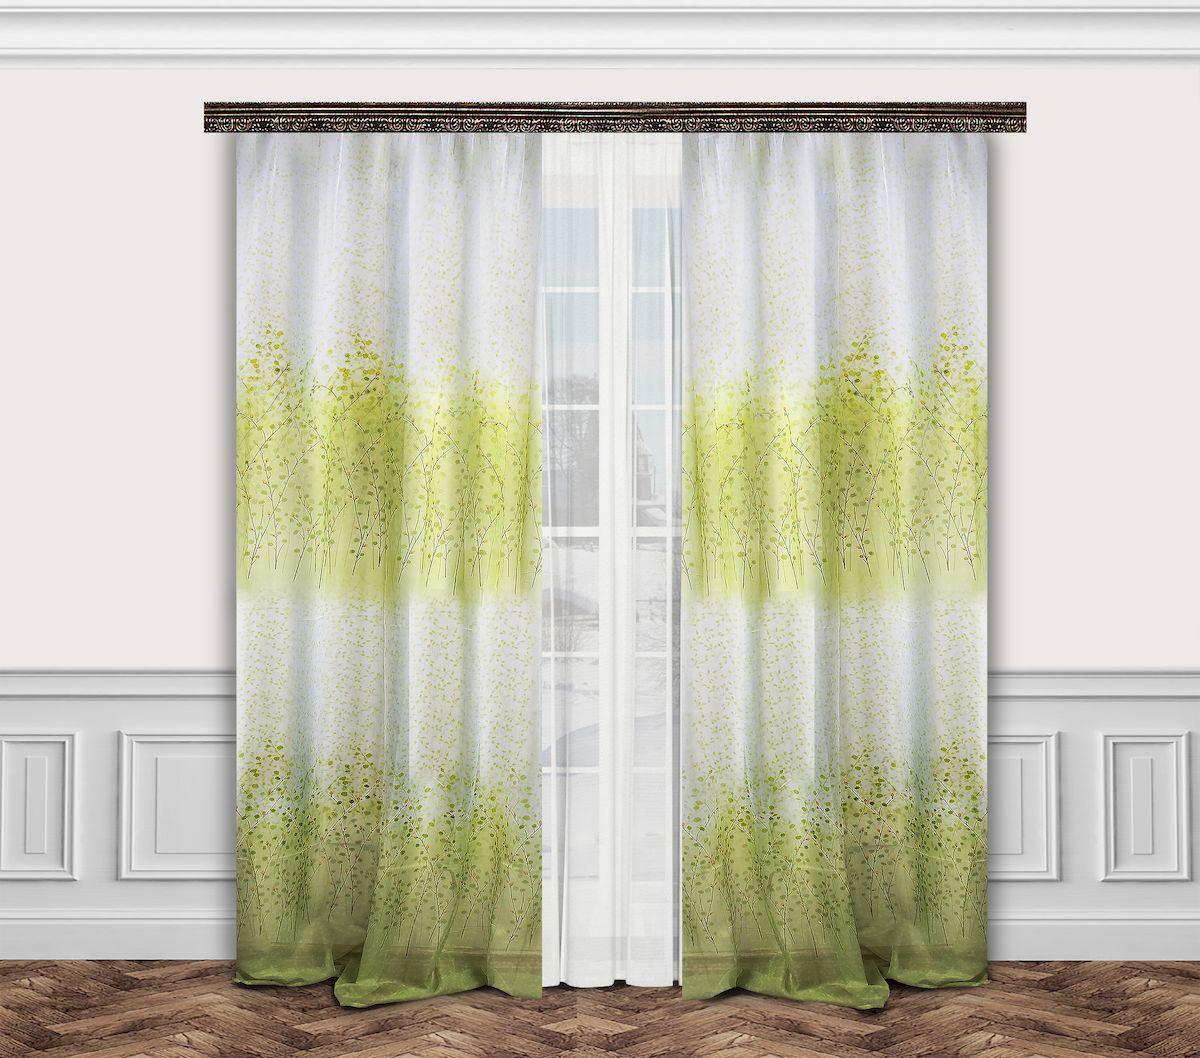 Комплект штор Zlata Korunka, на ленте, цвет: белый, салатовый, высота 260 см. 7770033111909668Комплект штор Zlata Korunka, выполненный из полиэстера, великолепно украсит любое окно. Комплект состоит из тюля, двух штор и двух подхватов. Оригинальный рисунок и приятная цветовая гамма привлекут к себе внимание и органично впишутся в интерьер помещения. Этот комплект будет долгое время радовать вас и вашу семью!Комплект крепится на карниз при помощи ленты, которая поможет красиво и равномерно задрапировать верх.В комплект входит: Тюль: 1 шт. Размер (Ш х В): 350 см х 260 см. Штора: 2 шт. Размер (Ш х В): 160 см х 260 см.Подхват: 2 шт.